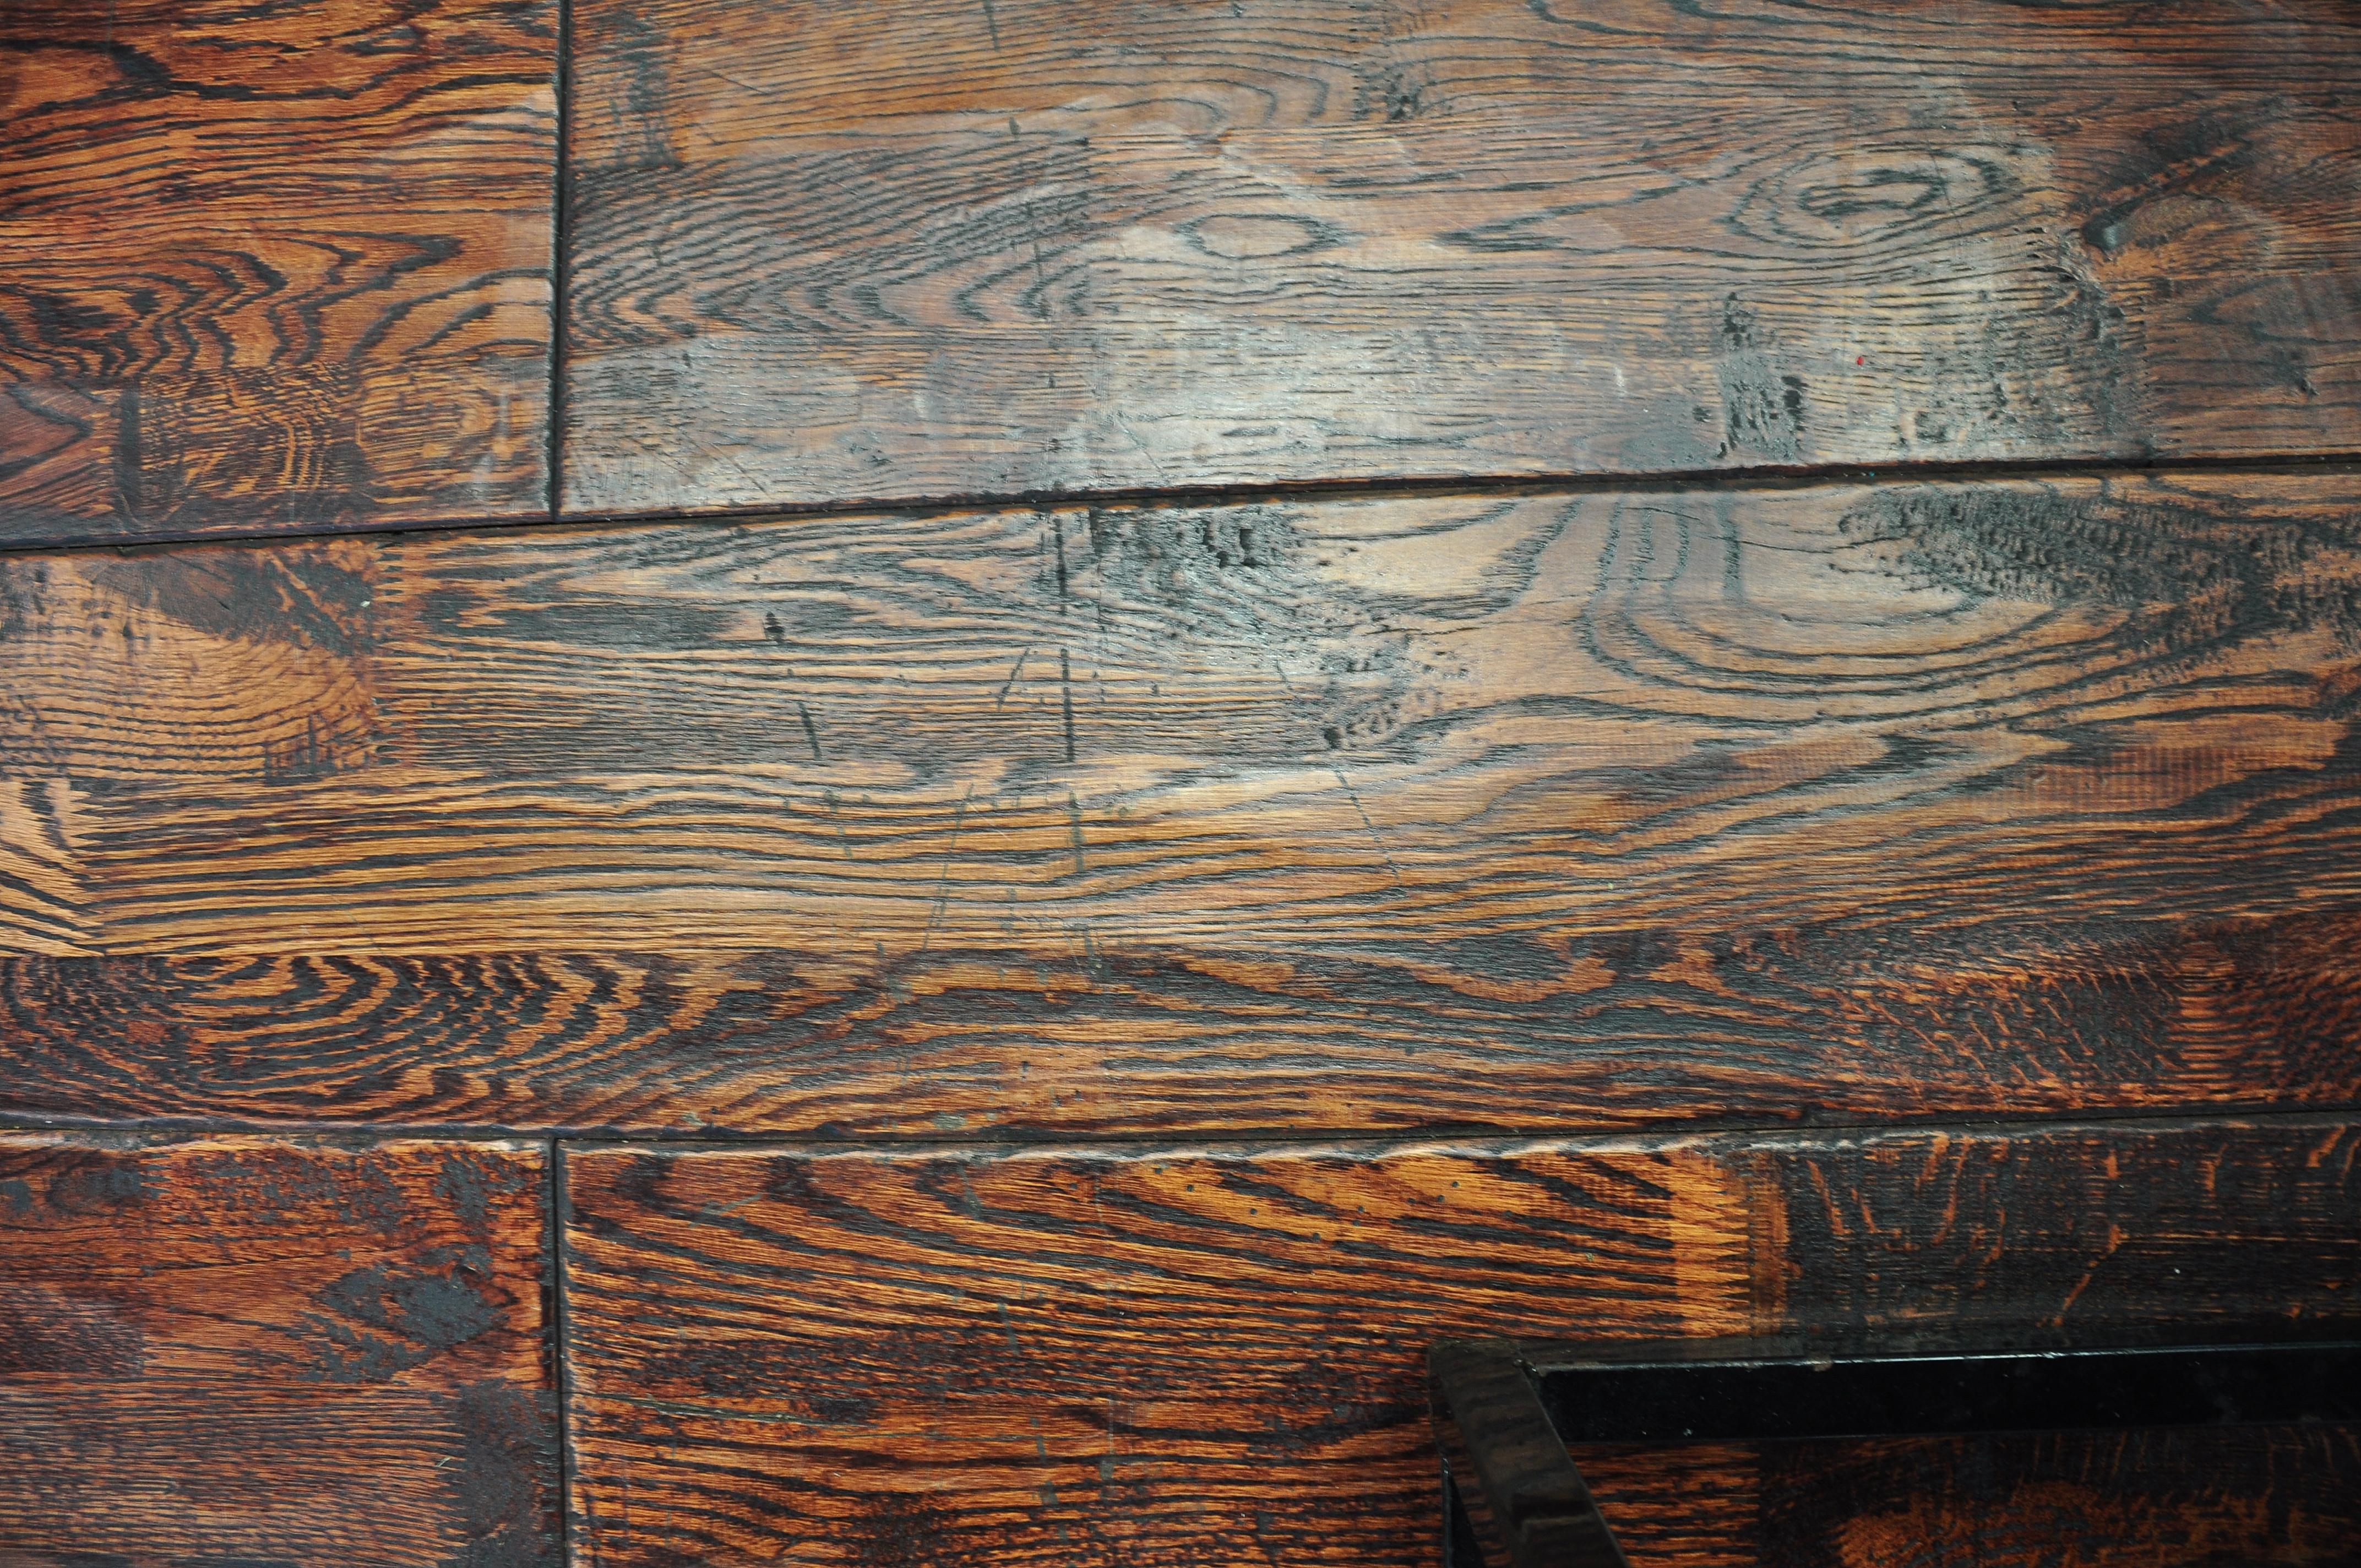 shark steam mop hardwood floor cleaner of hardwood floor steam mop 20 best best steam mop for wood floors with regard to hardwood floor steam mop 20 best best steam mop for wood floors